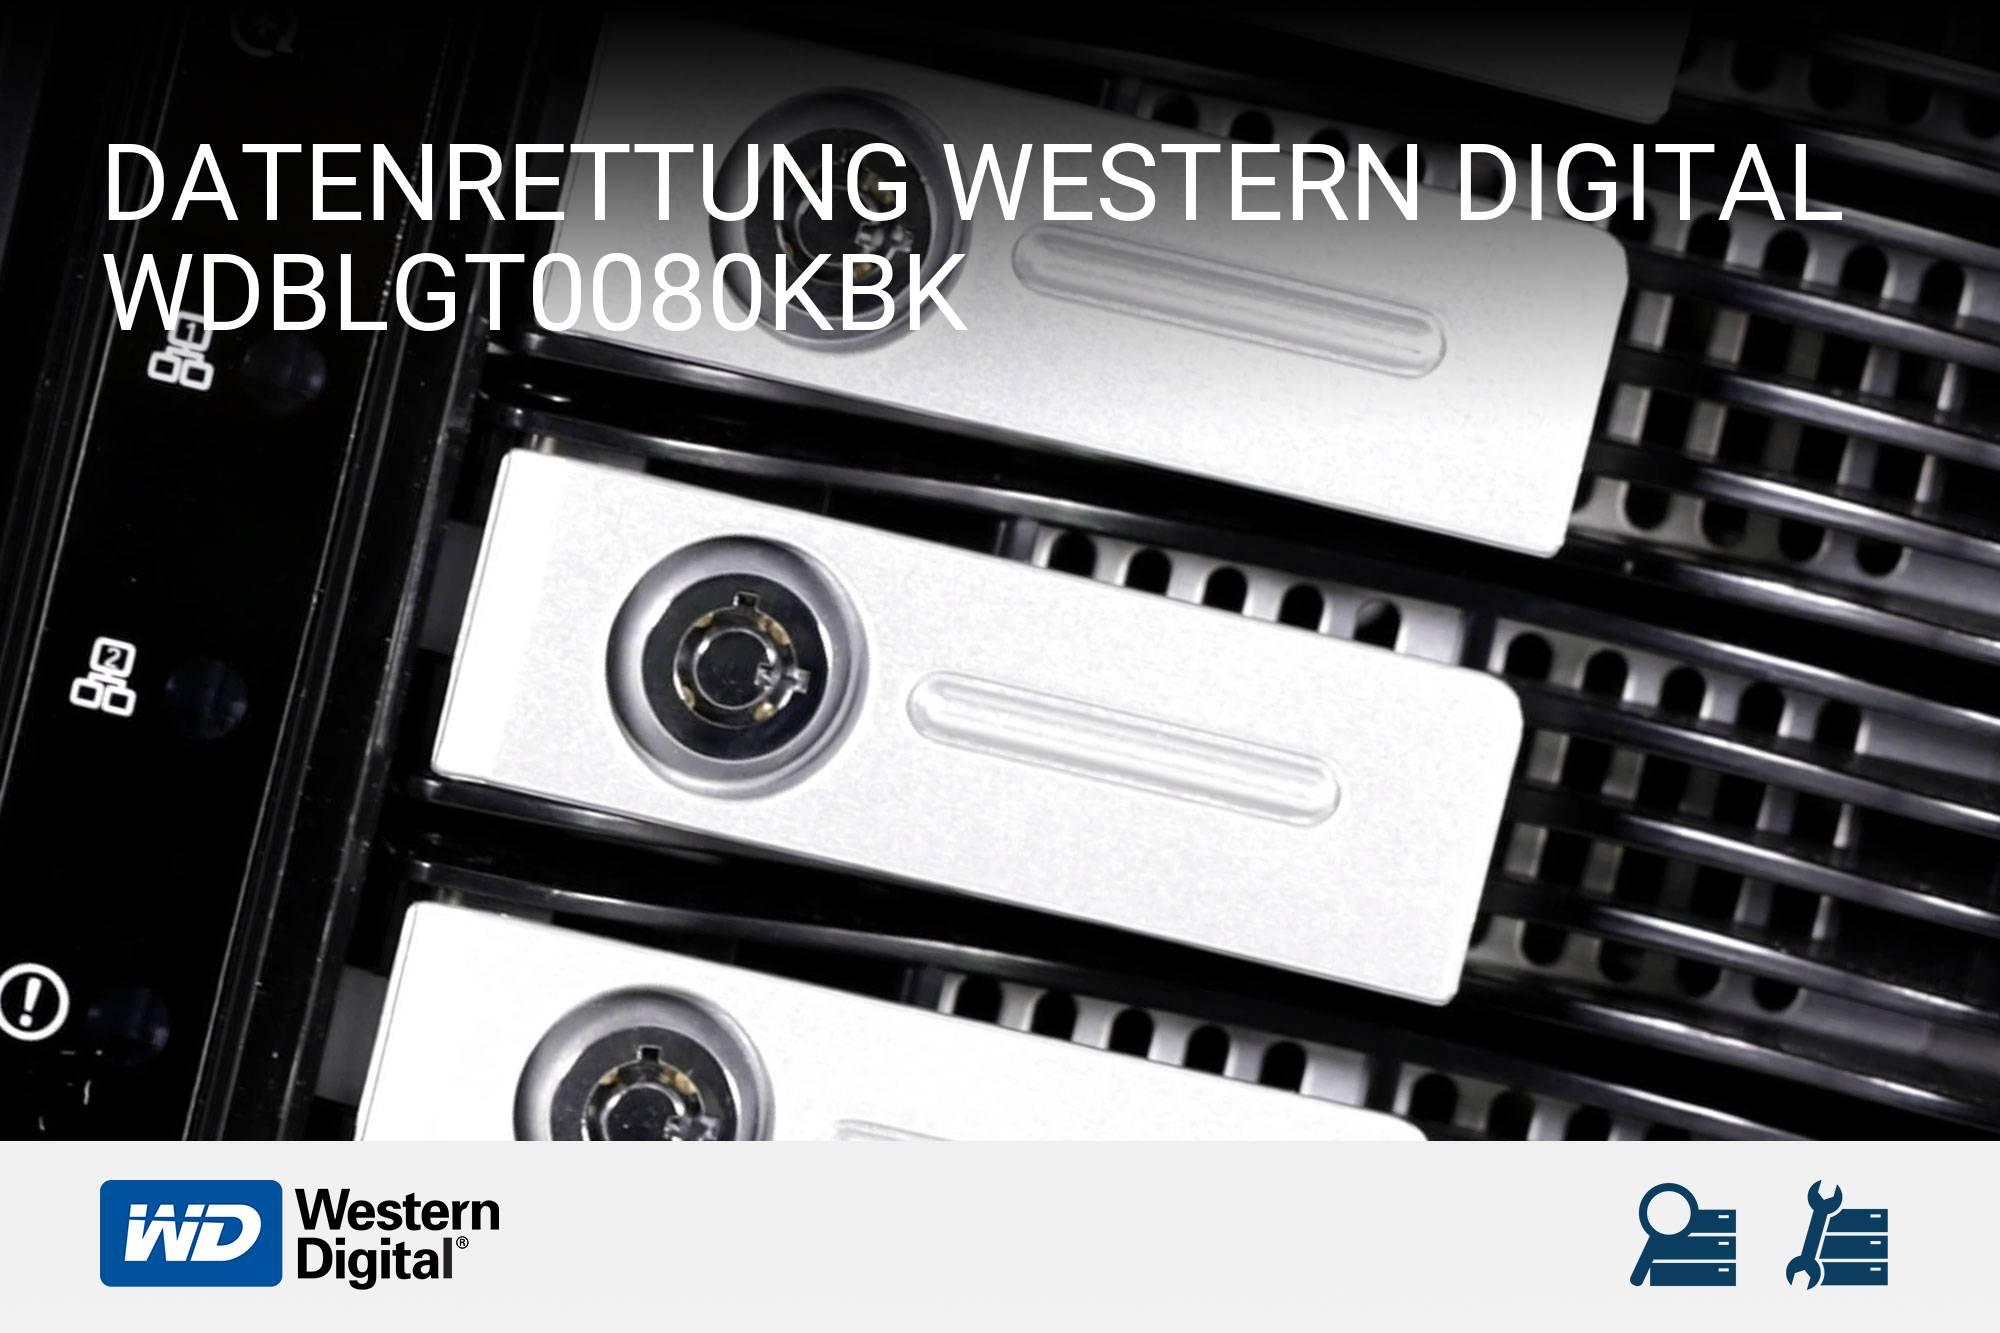 Western Digital WDBLGT0080KBK